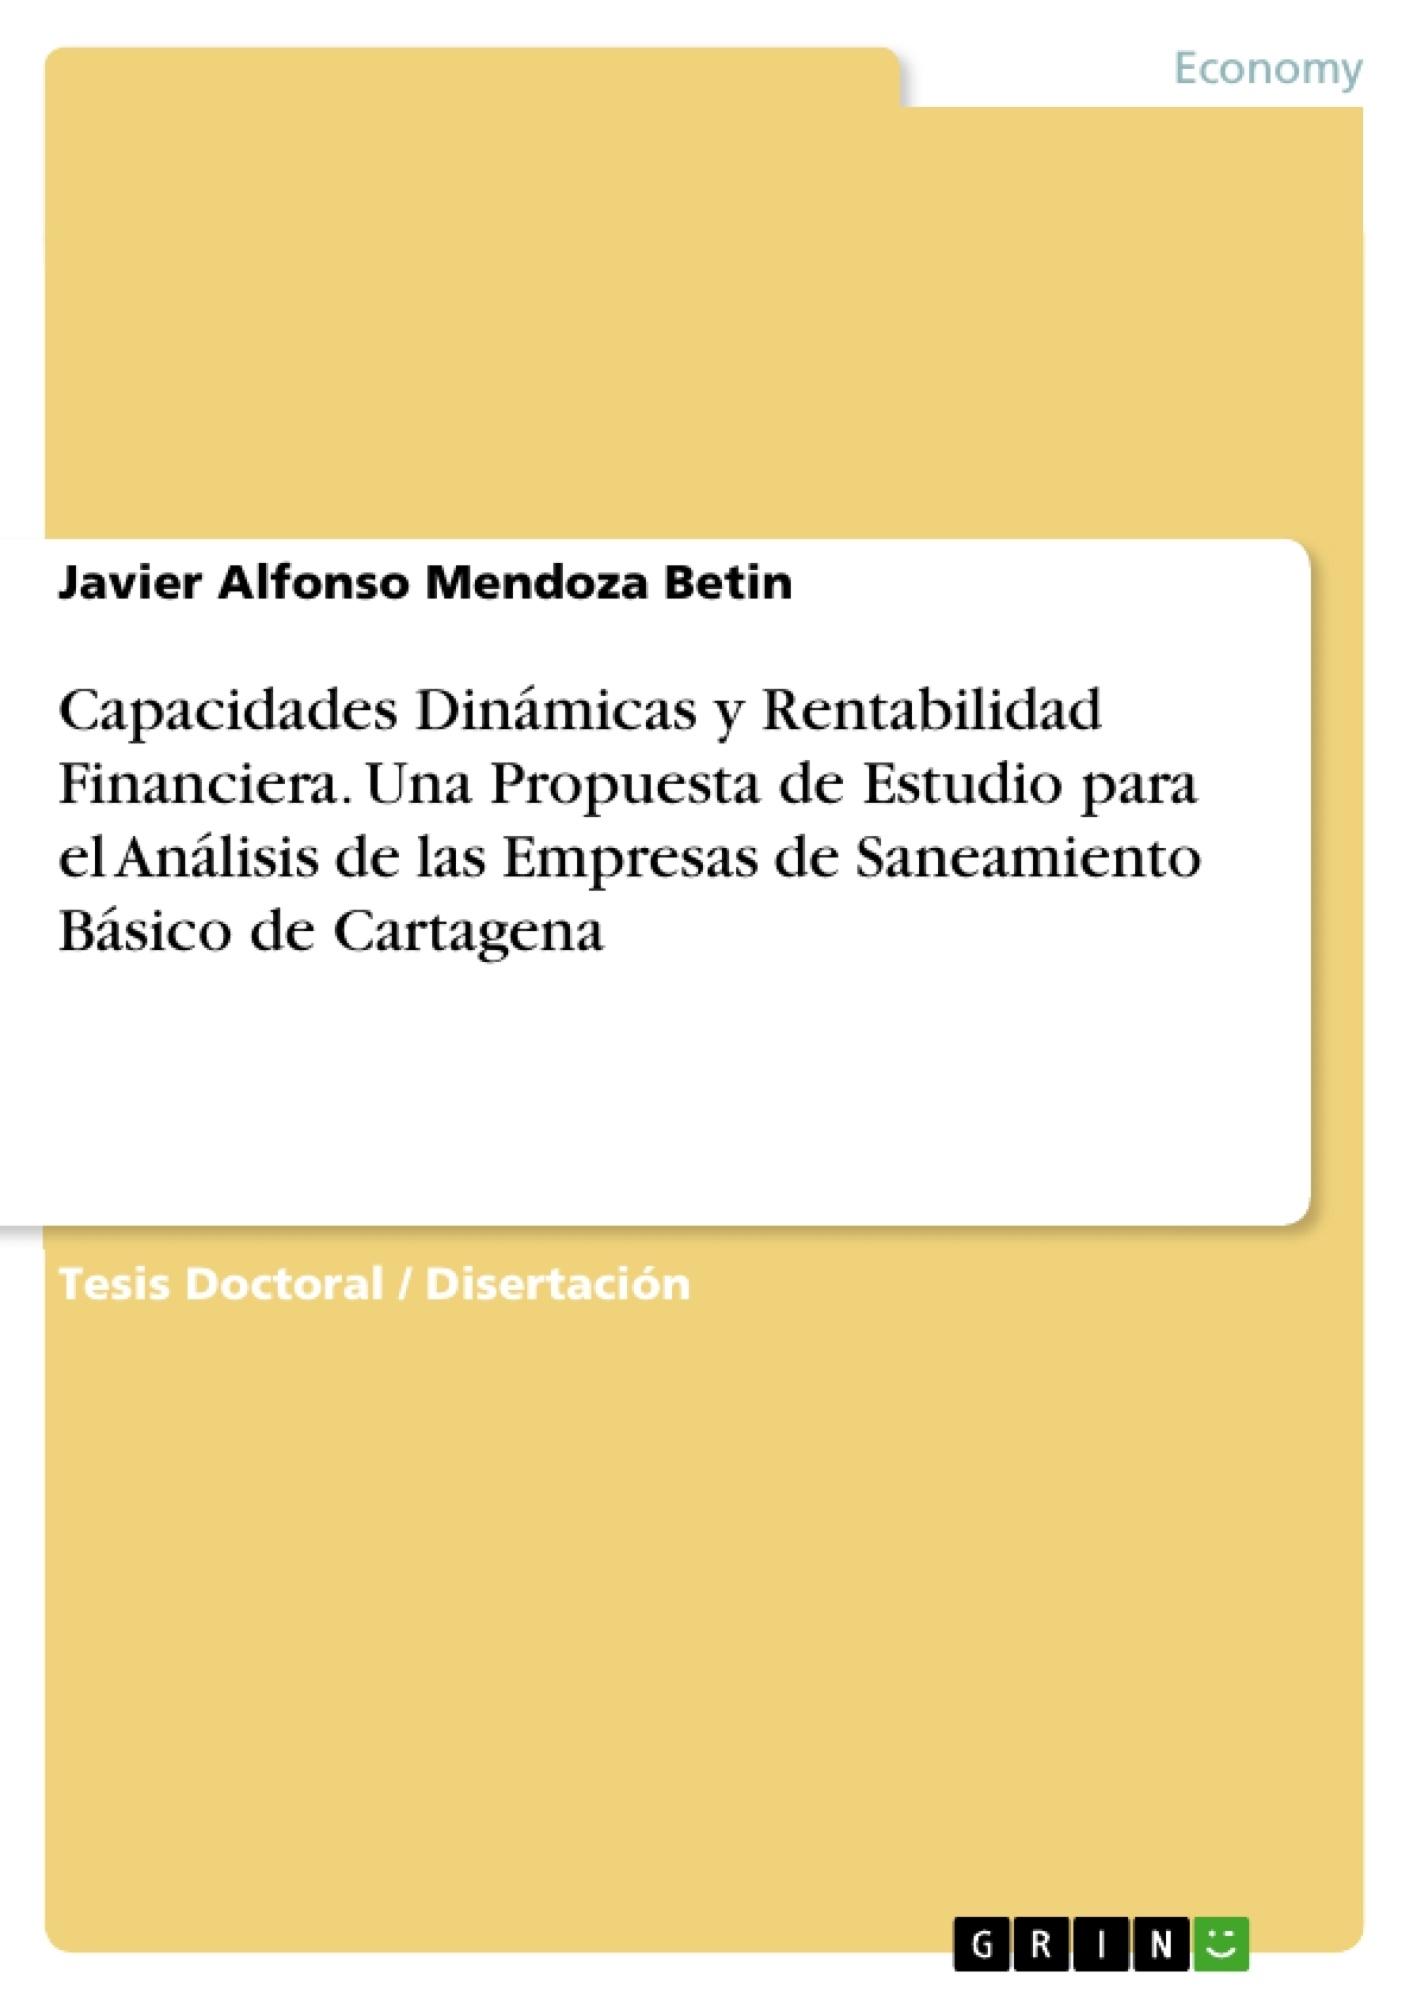 Título: Capacidades Dinámicas y Rentabilidad Financiera. Una Propuesta de Estudio para el Análisis de las Empresas de Saneamiento Básico de Cartagena